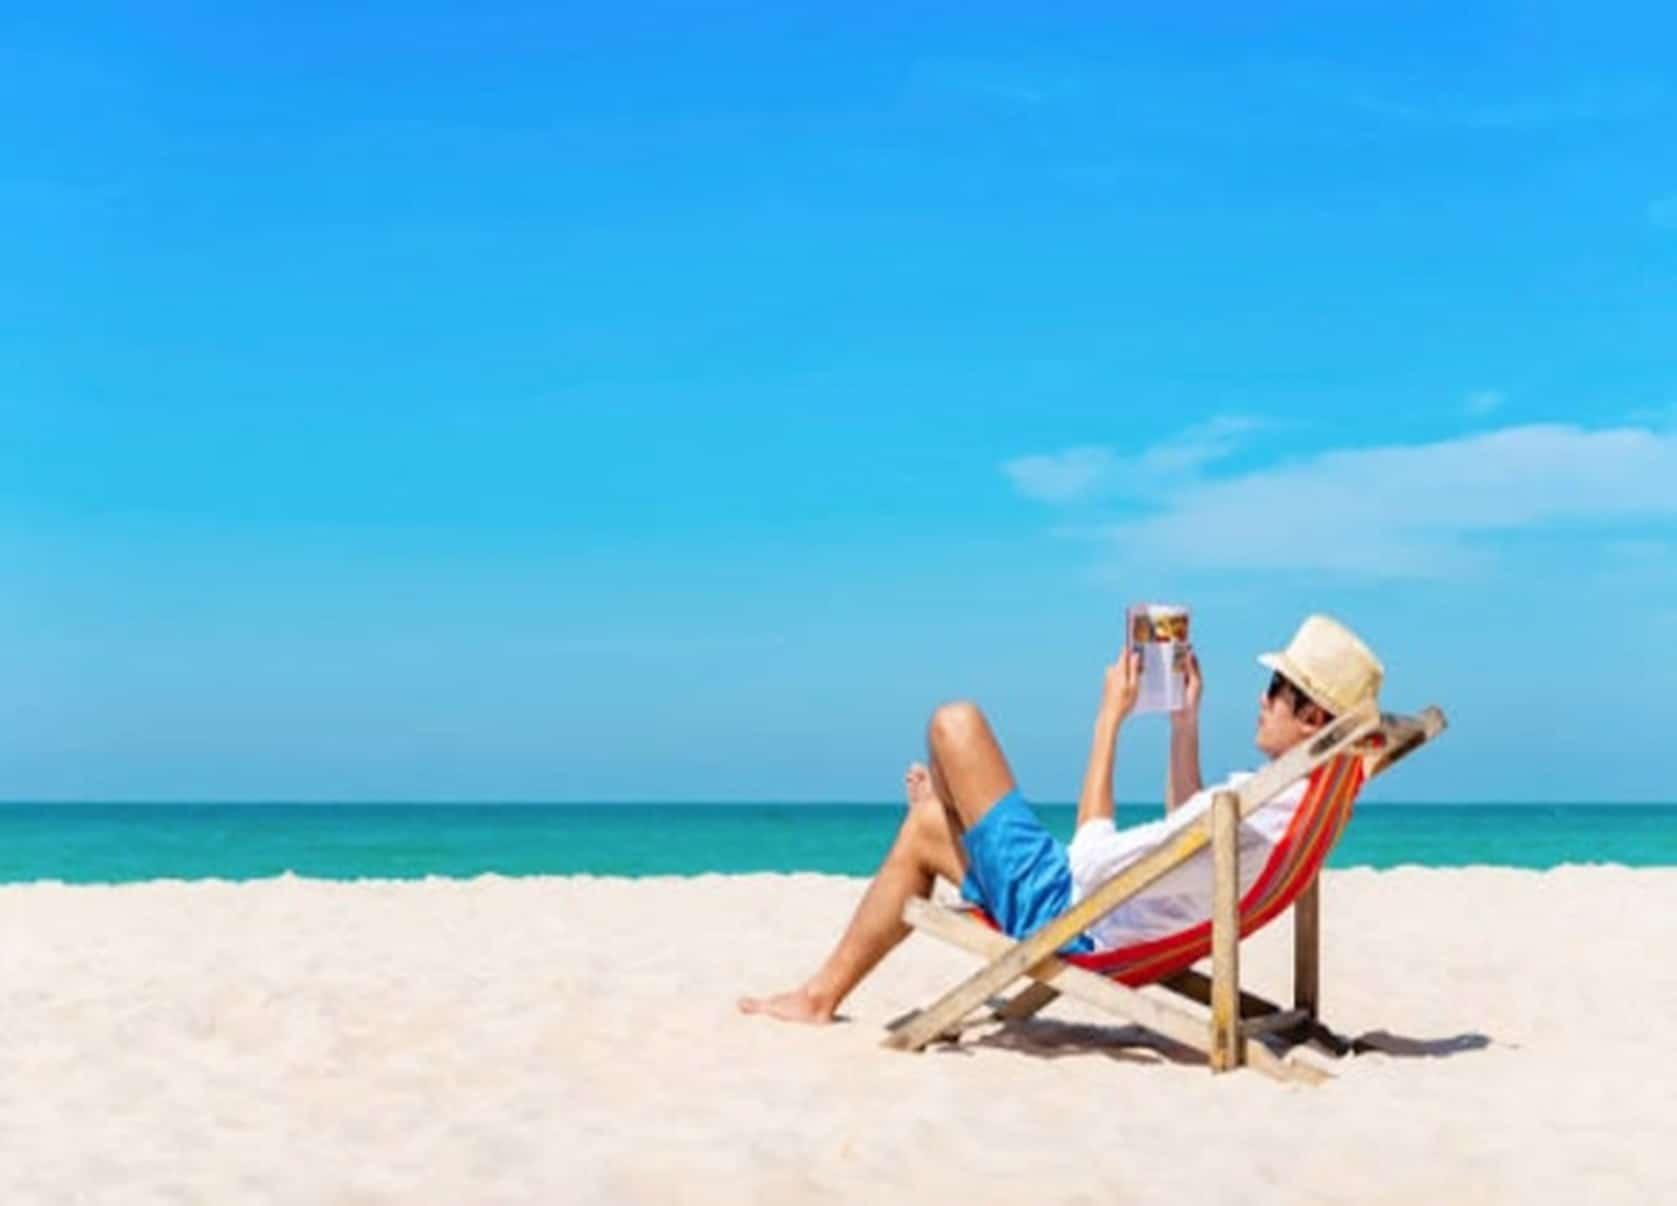 Atividades turísticas na Bahia crescem 33,7% em setembro